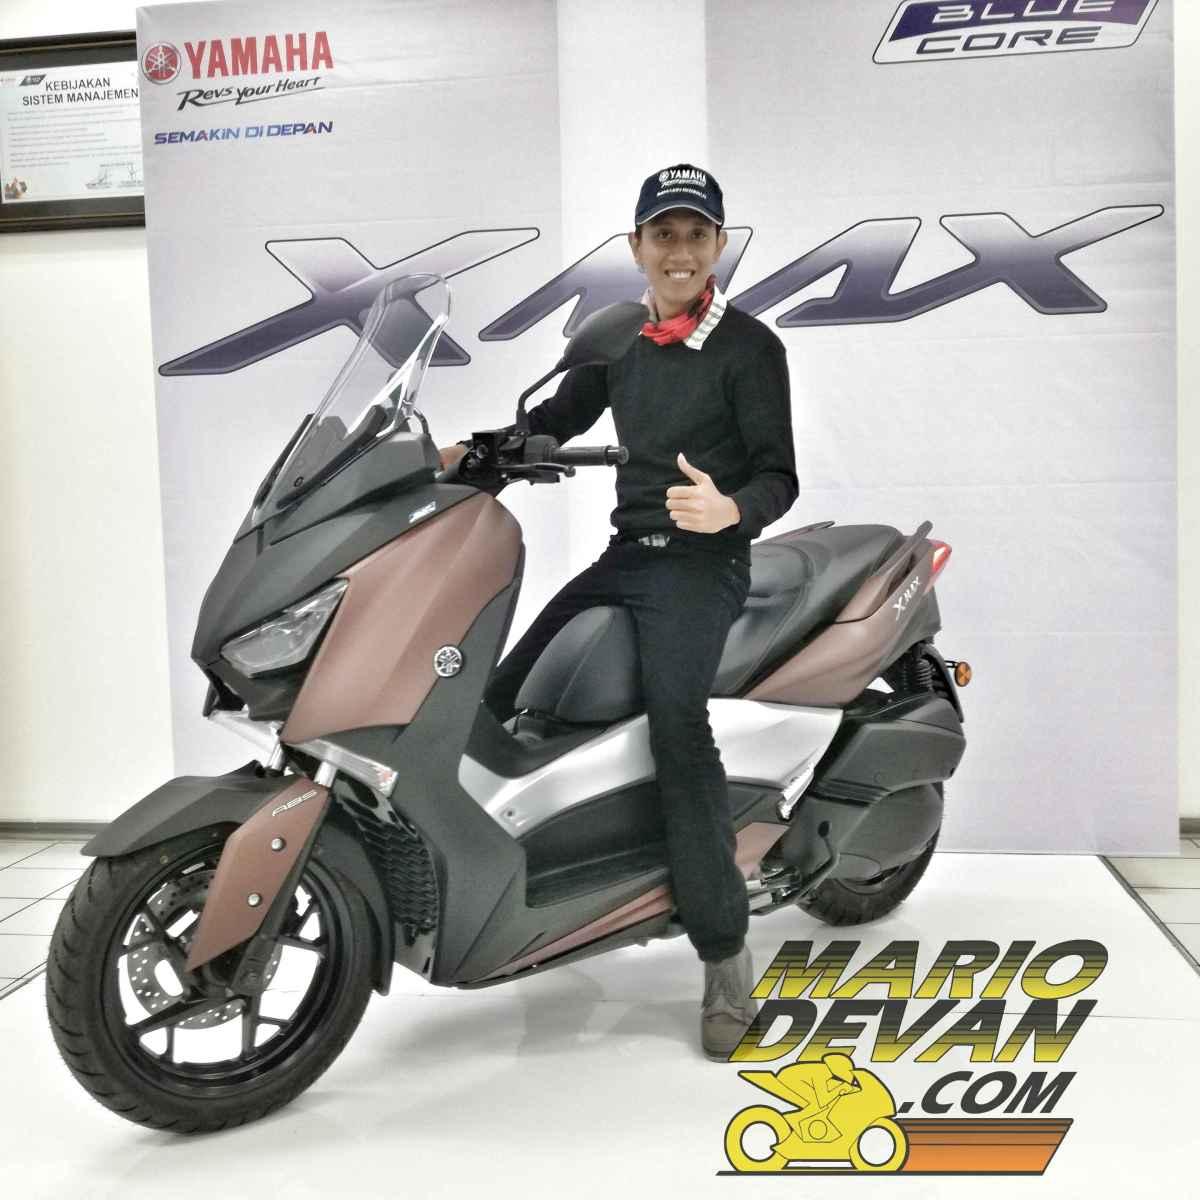 Pasar Sport 250cc 2 silinder dibabat Xmax?? sepertinya tidak!